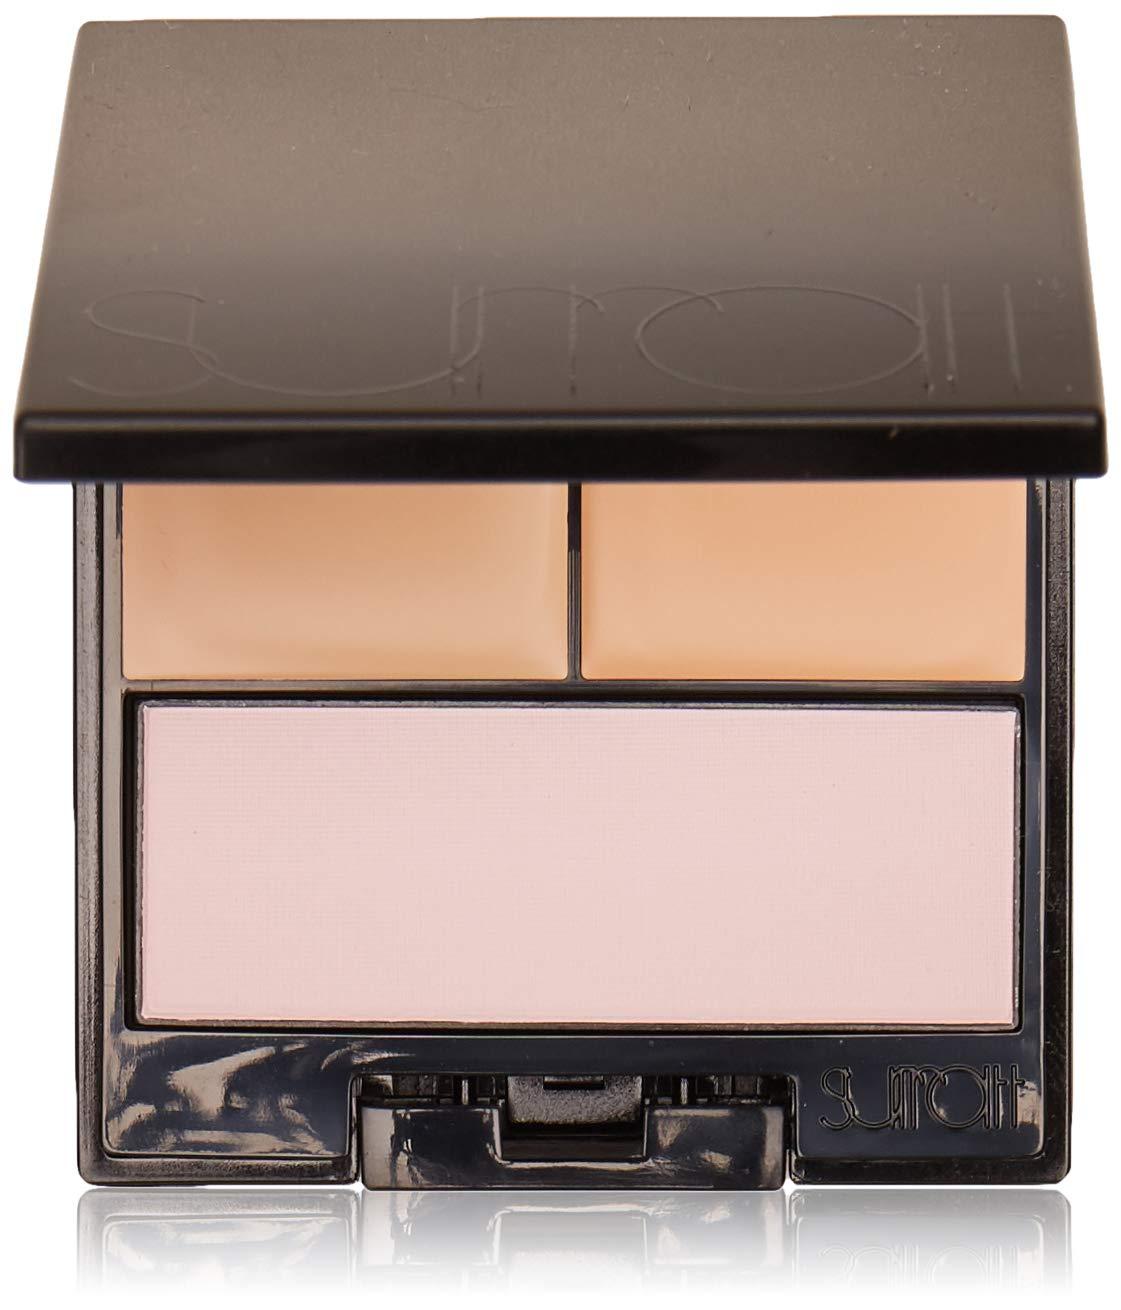 Surratt Beauty Perfectionniste Concealer Palette, 02 Violet Powder, 0.29 Ounce